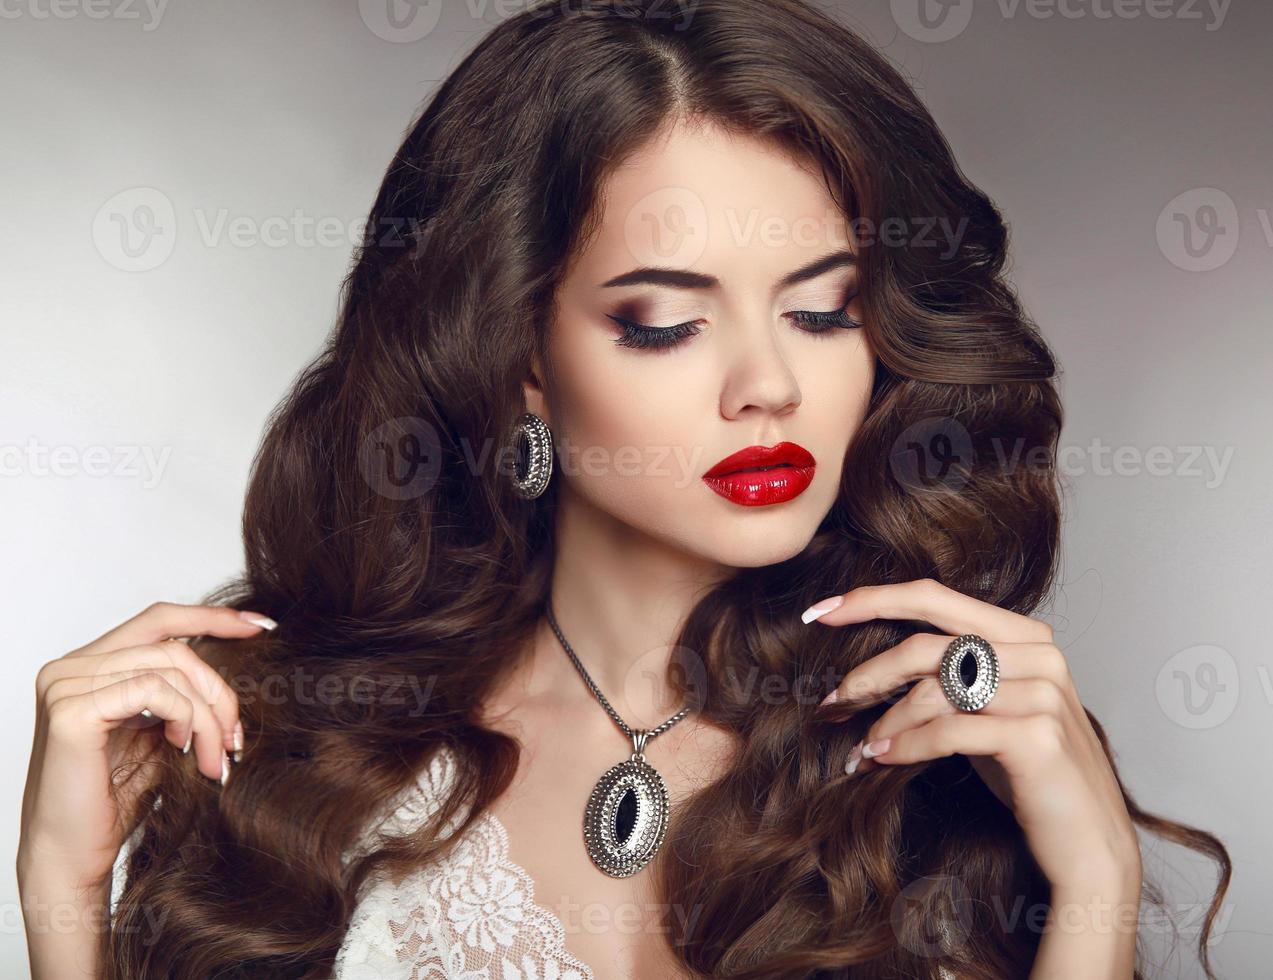 cabelo comprido saudável. Maquiagem. jóias e bijuteria. bonita foto